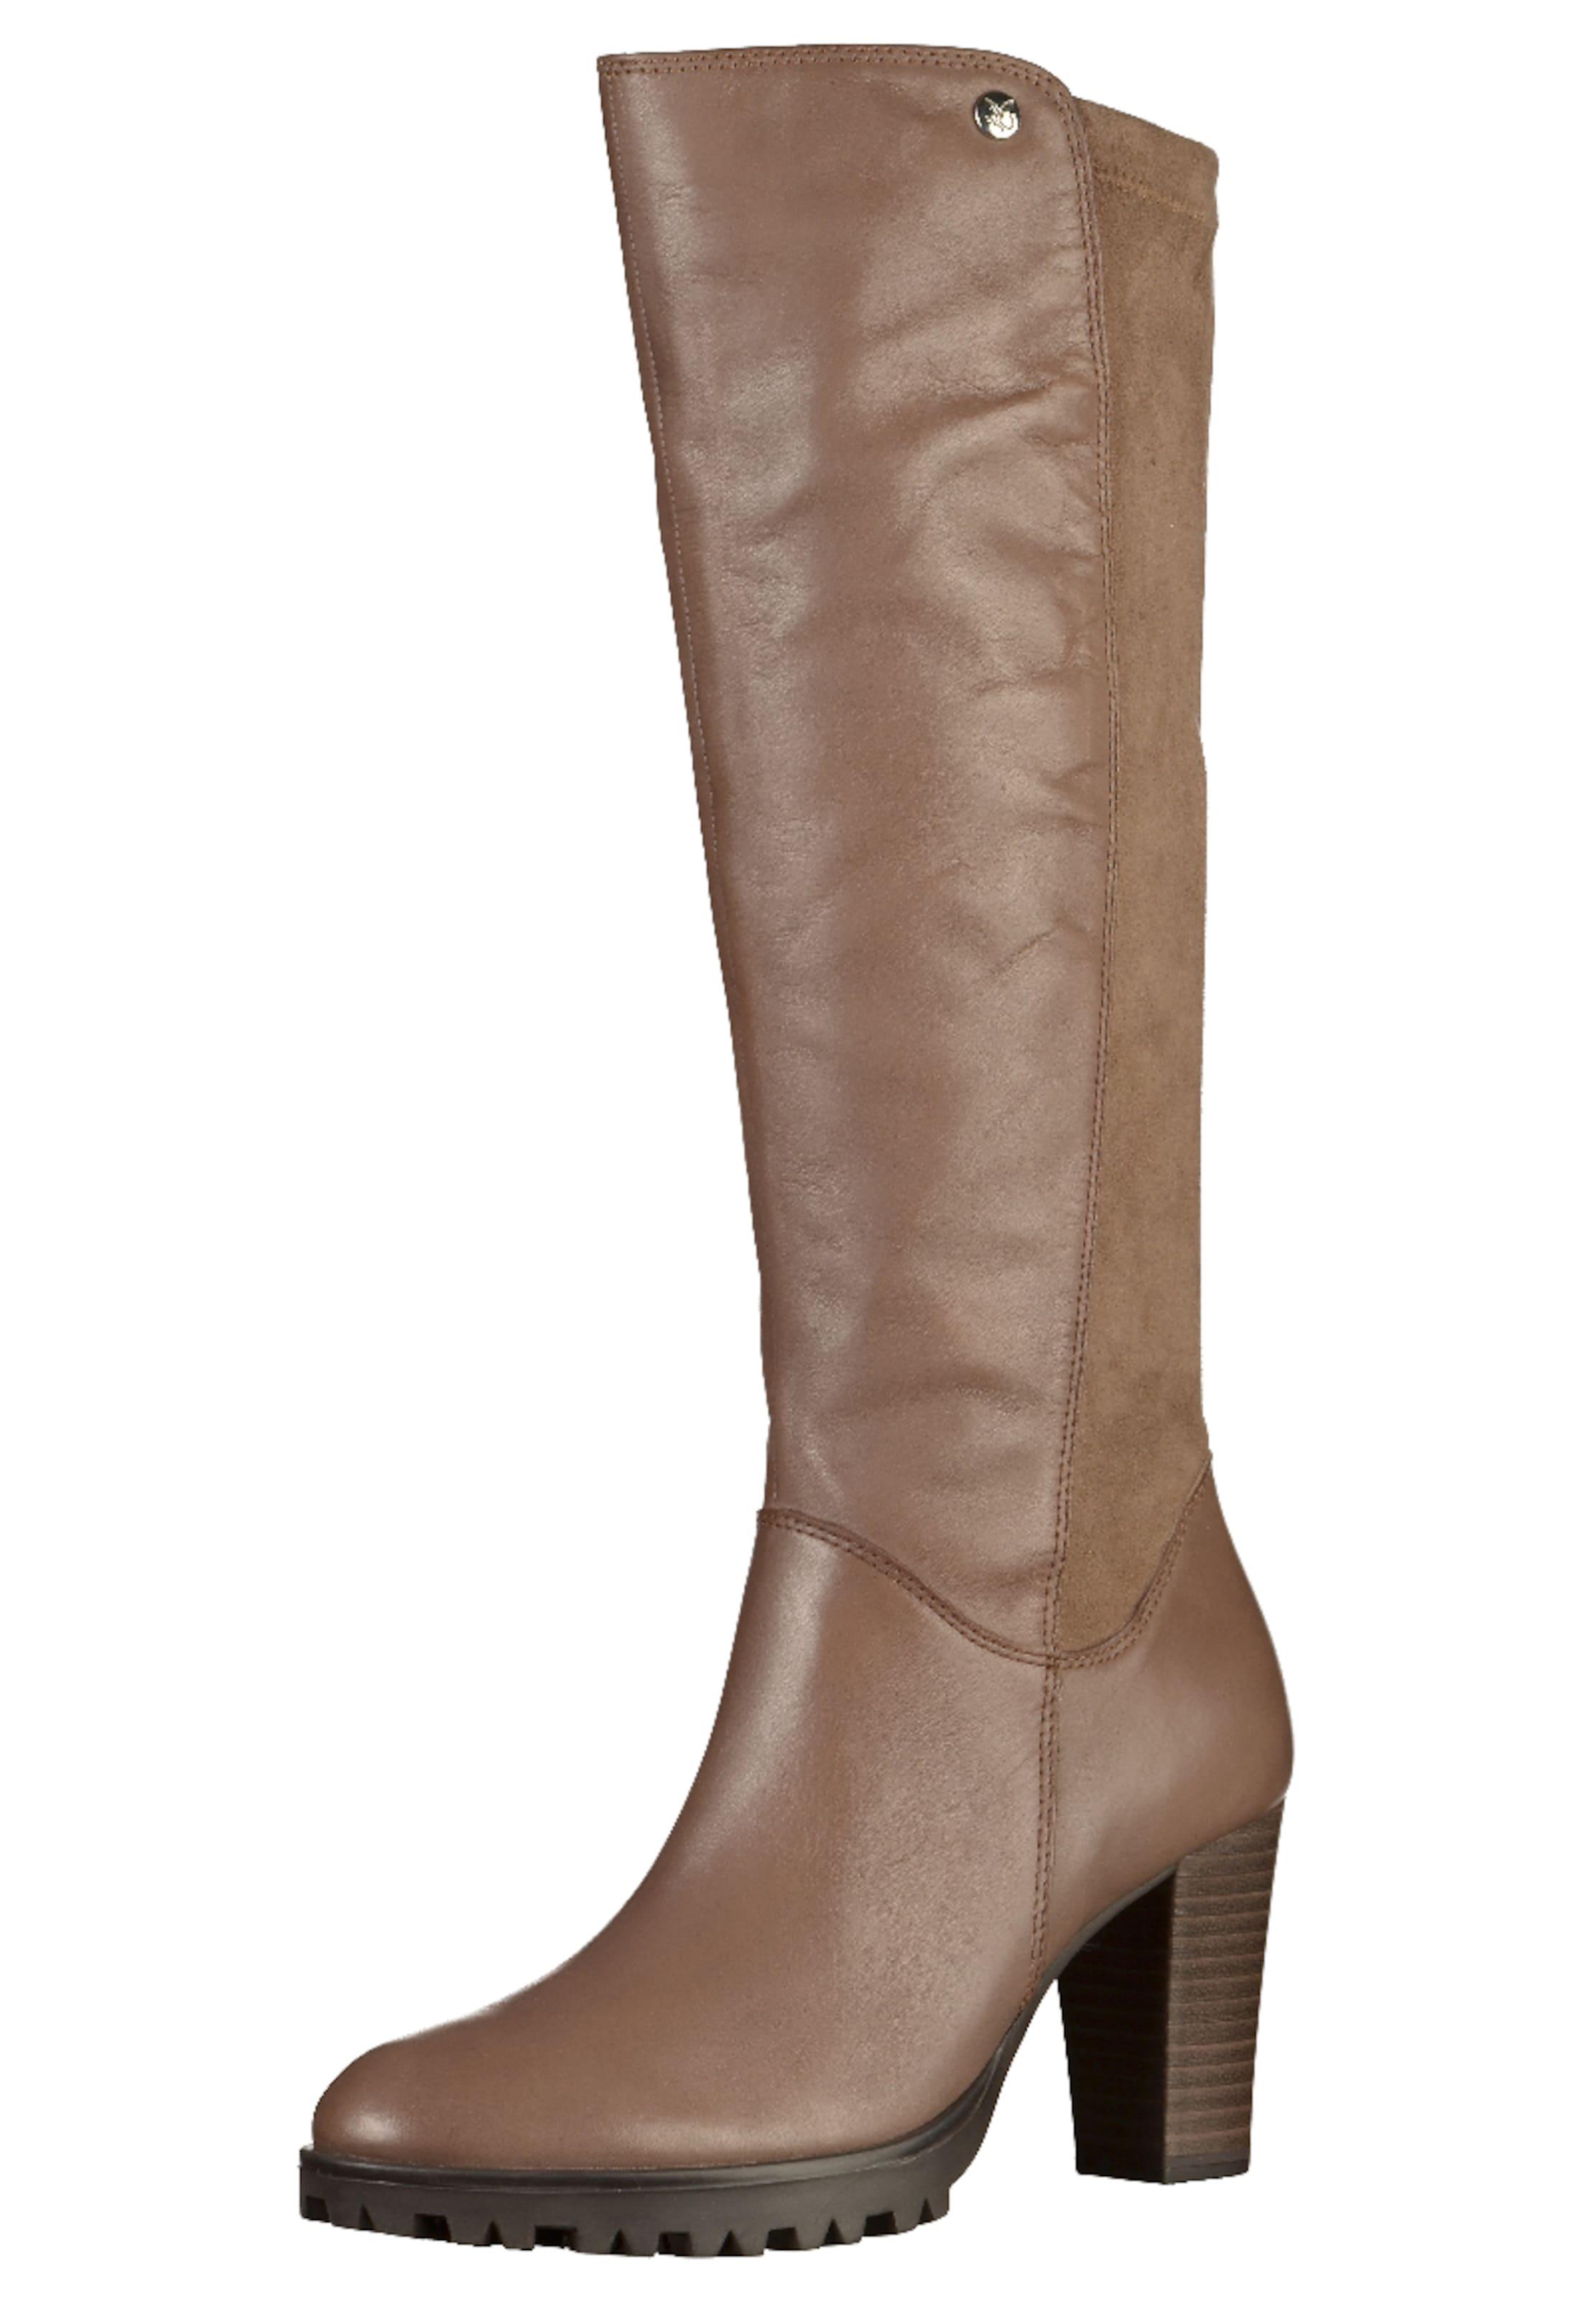 CAPRICE Stiefel Günstige und langlebige Schuhe